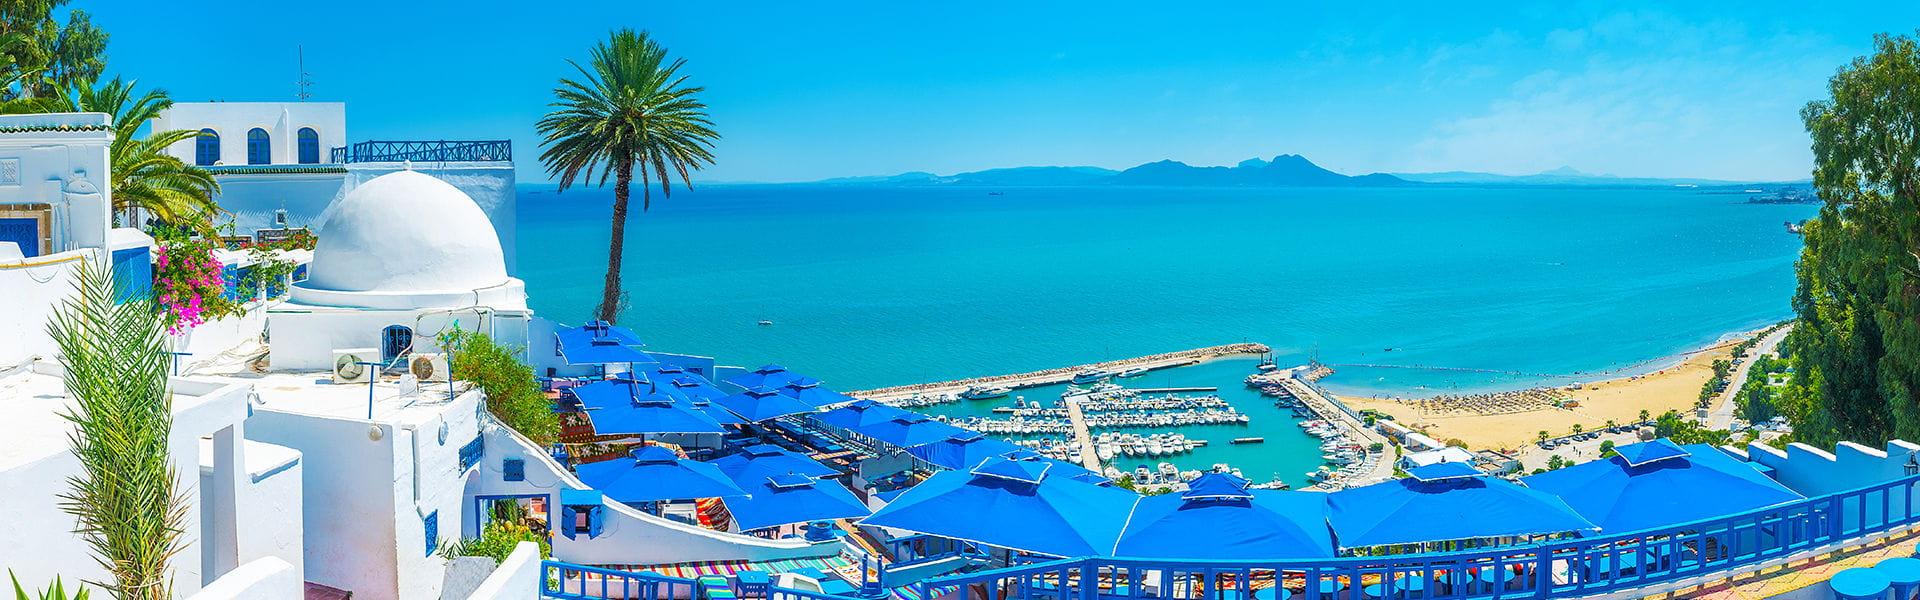 В Тунисе открываются туристические объекты